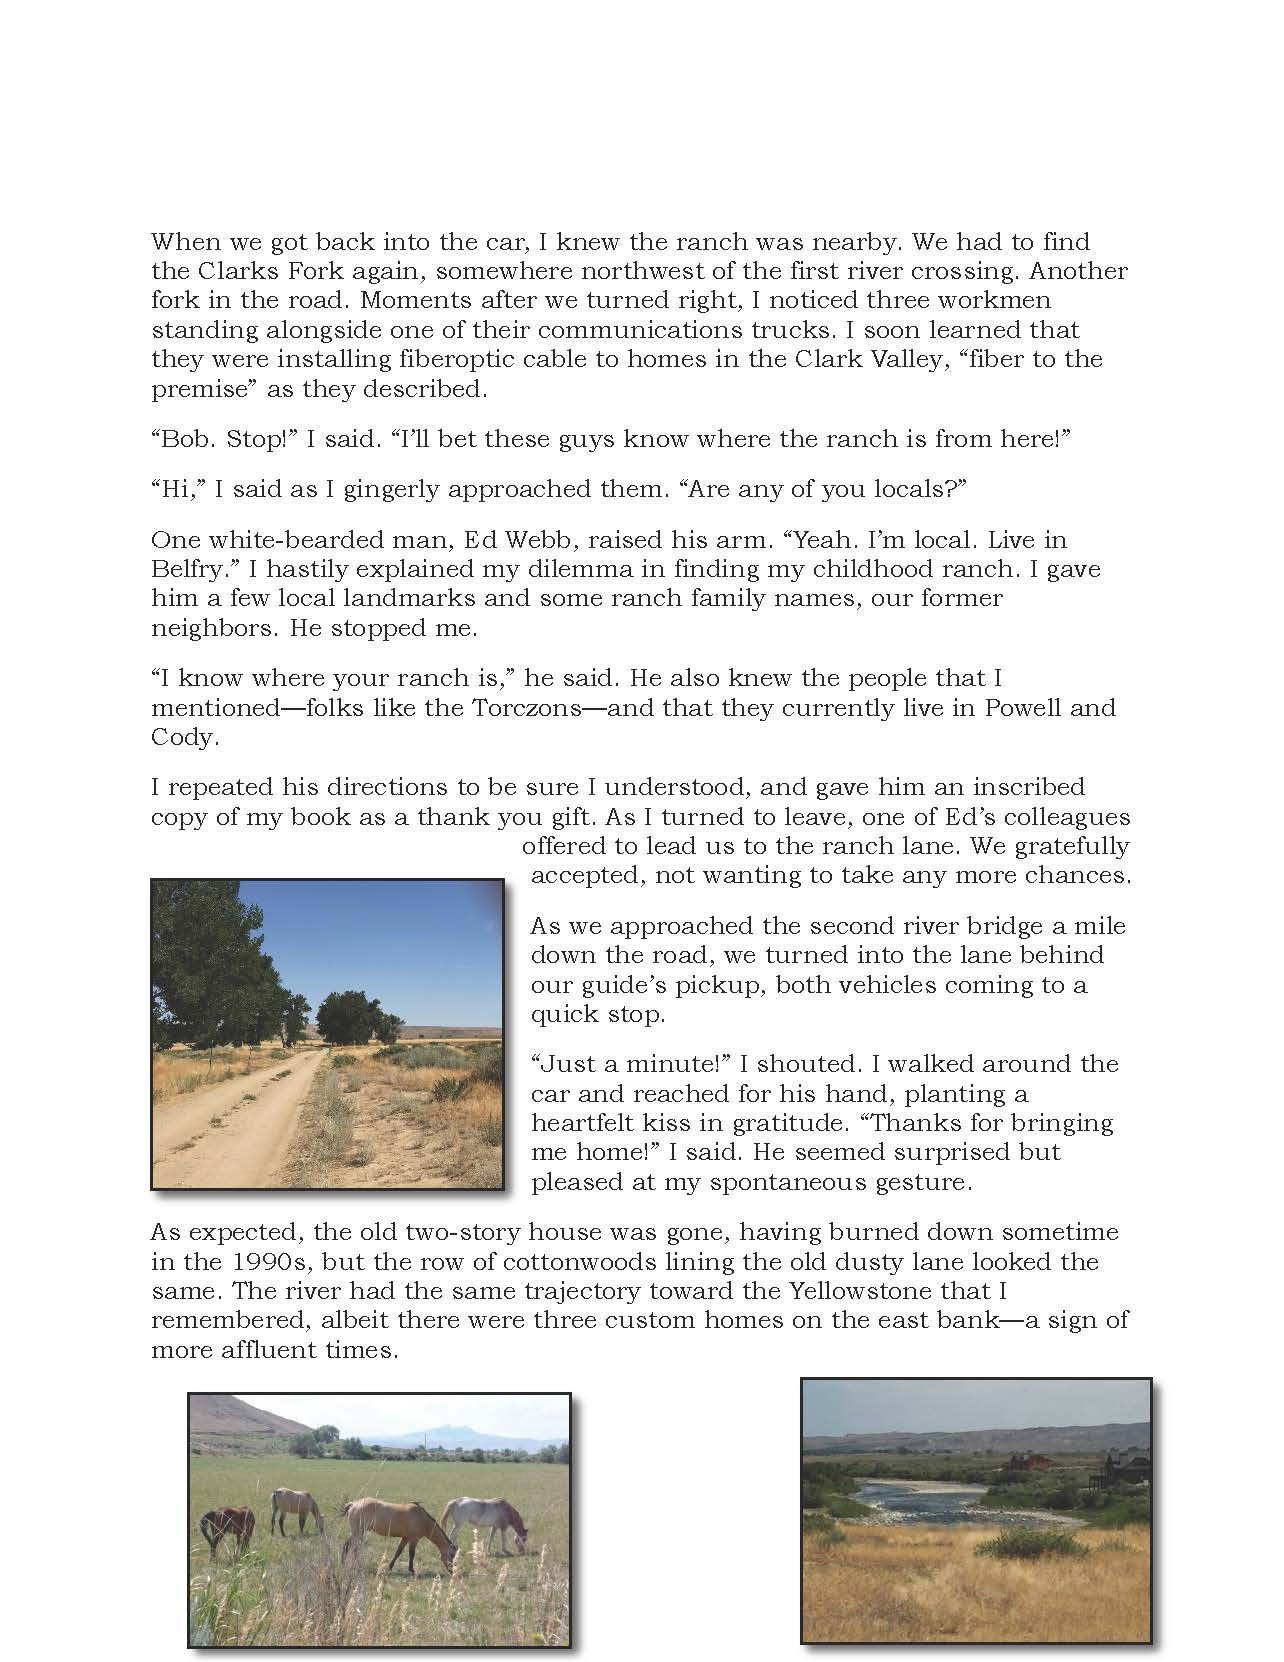 wyoming-book-tour-master-rev-10-23-16-1_page_15